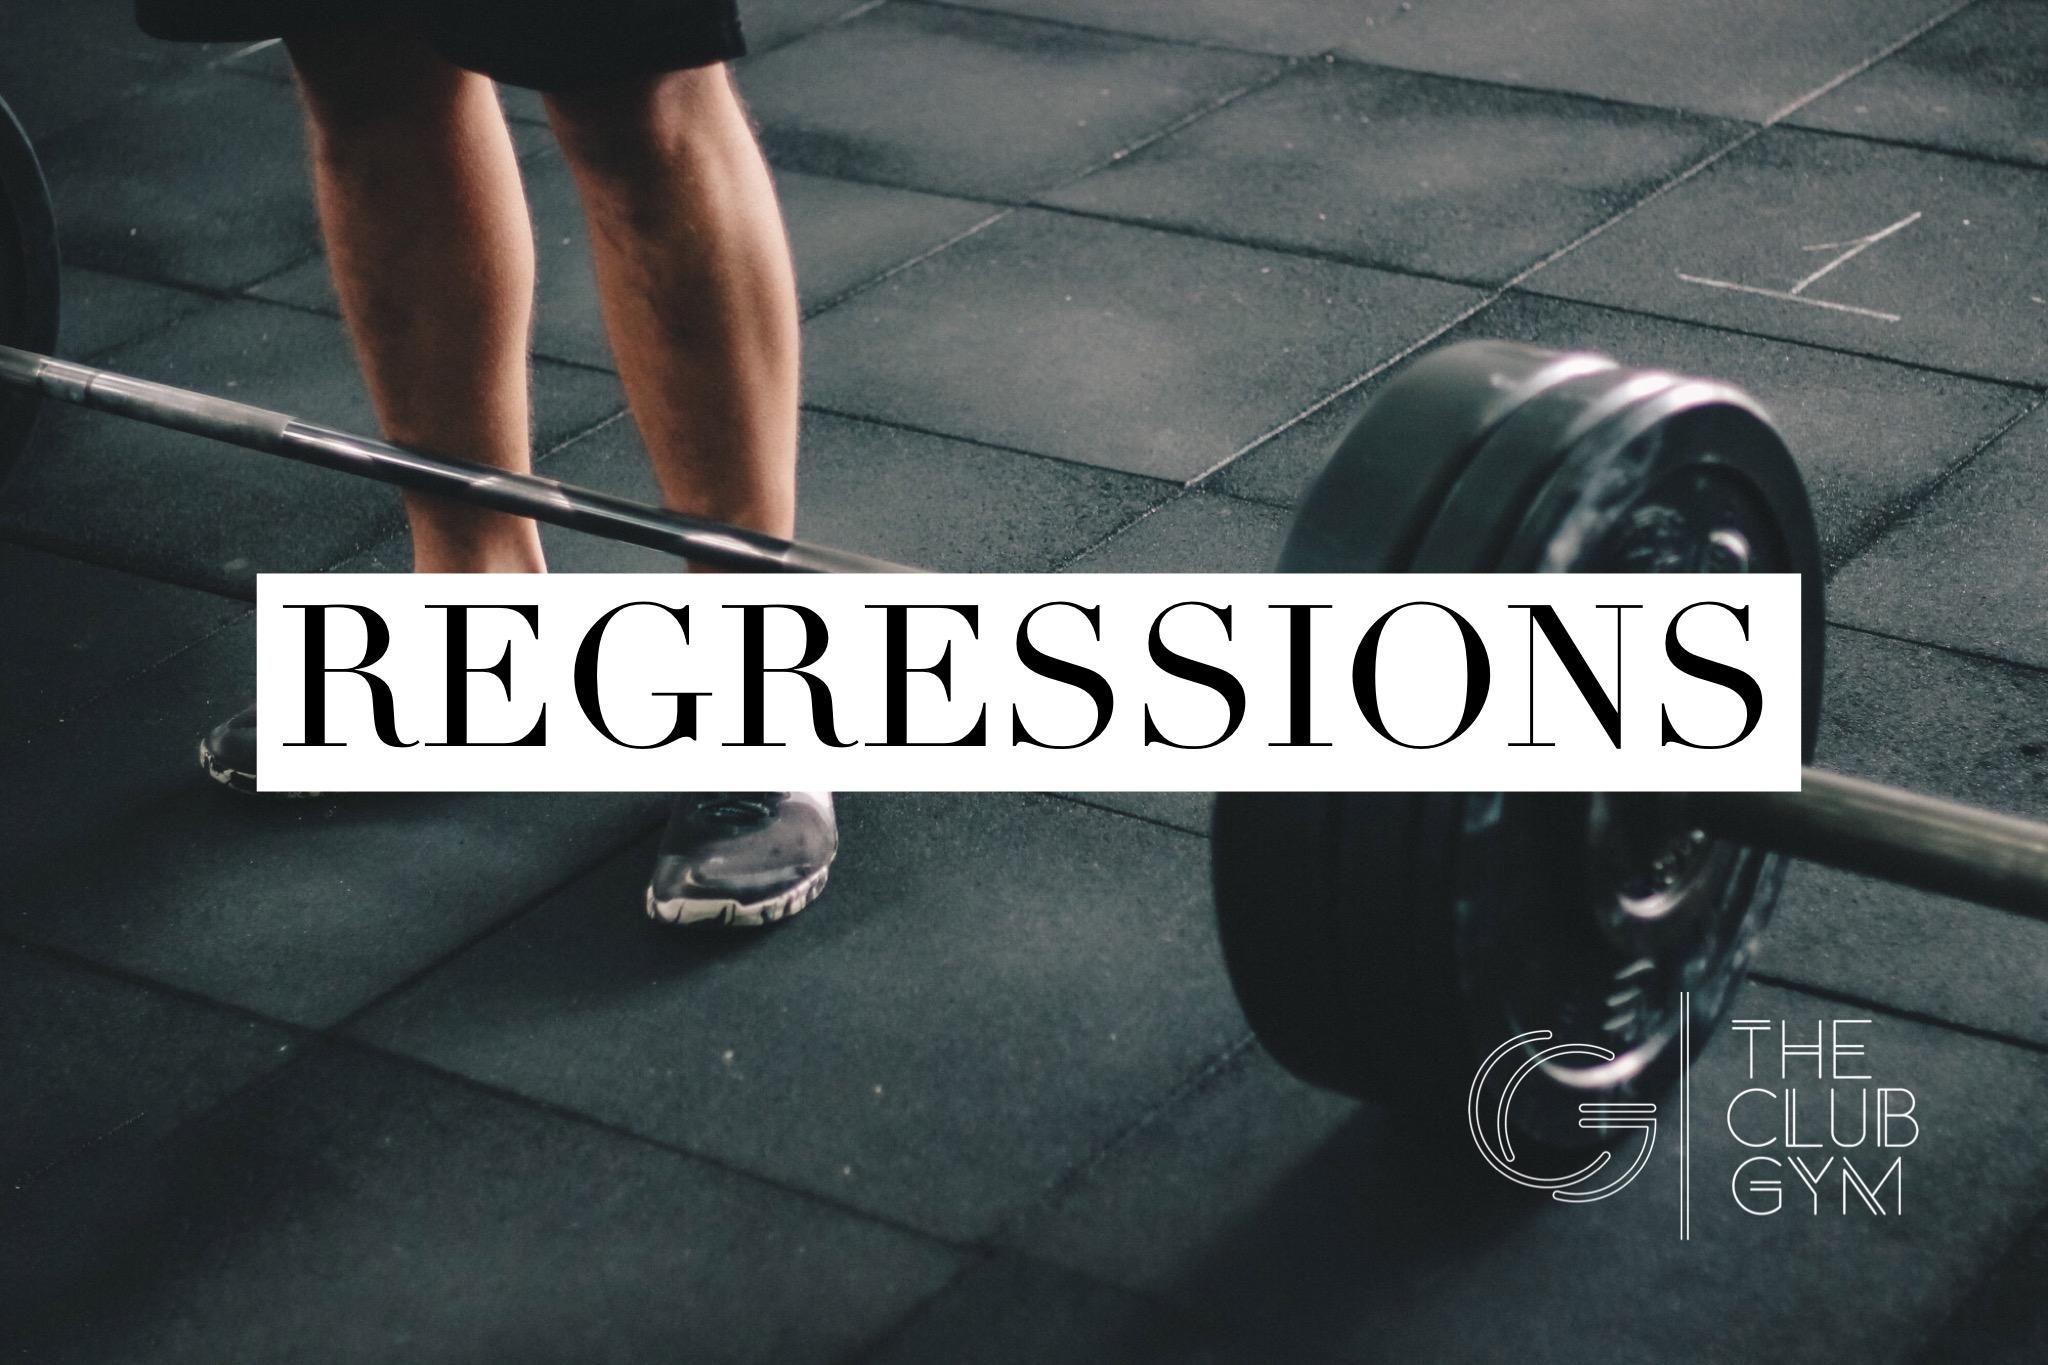 Regressions - The Club Gym